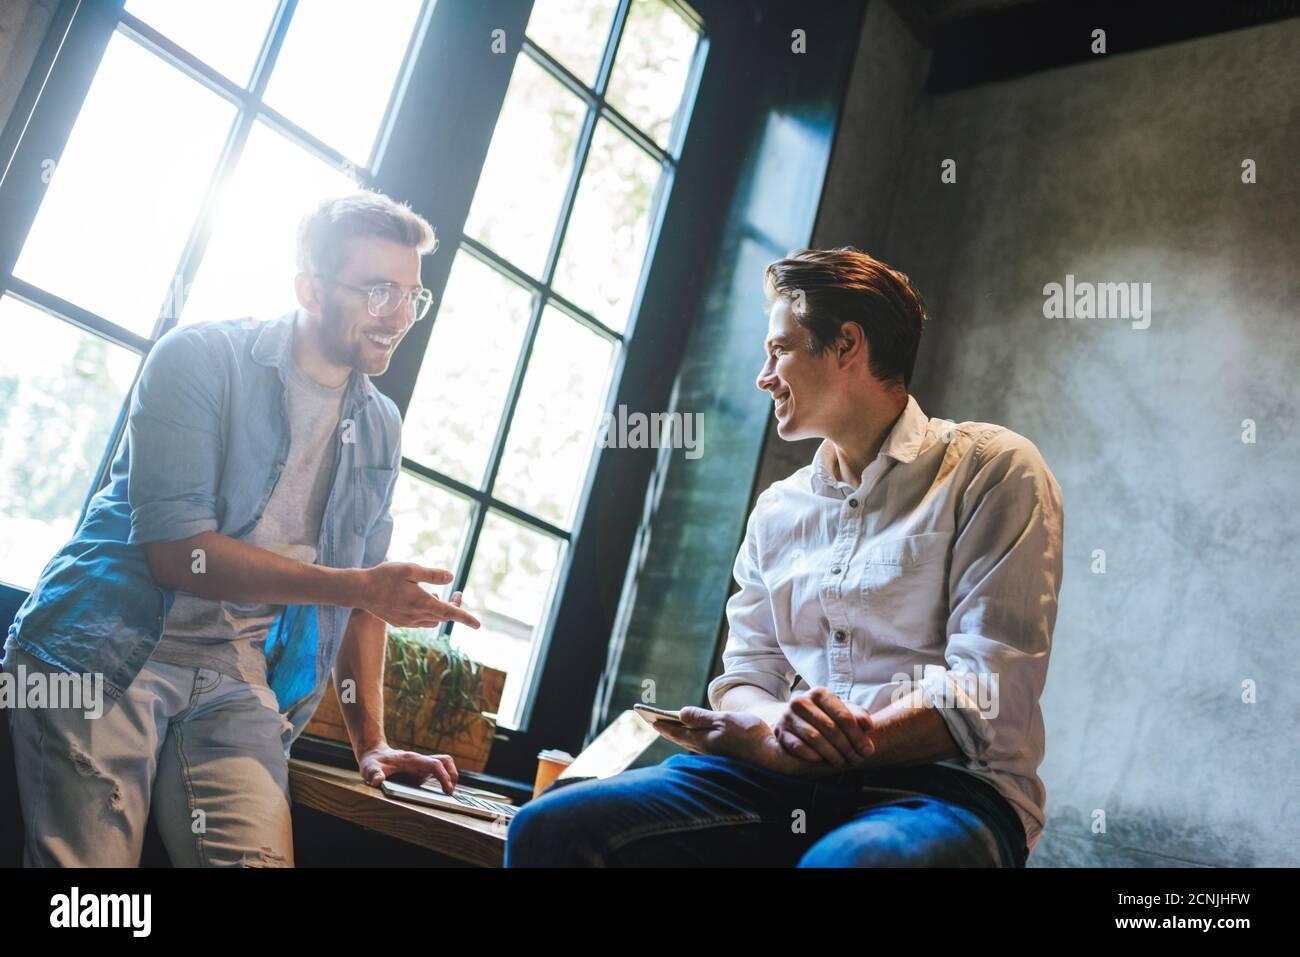 Seduto A Un Tavolo Immagini E Fotos Stock Alamy